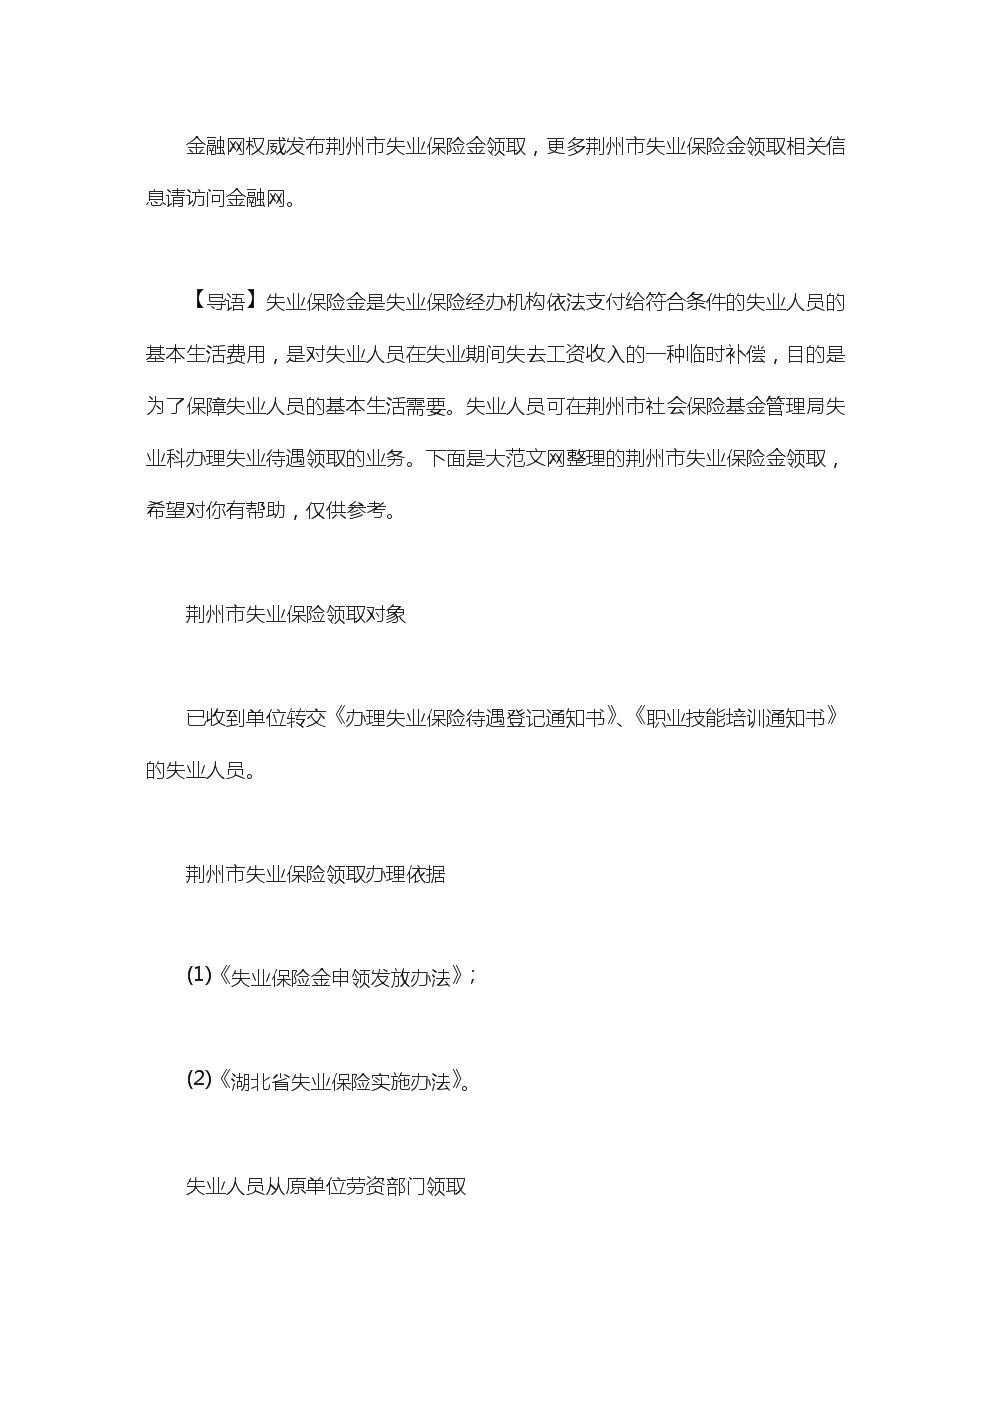 荆州市失业保险金领取:失业保险金领取条件.doc